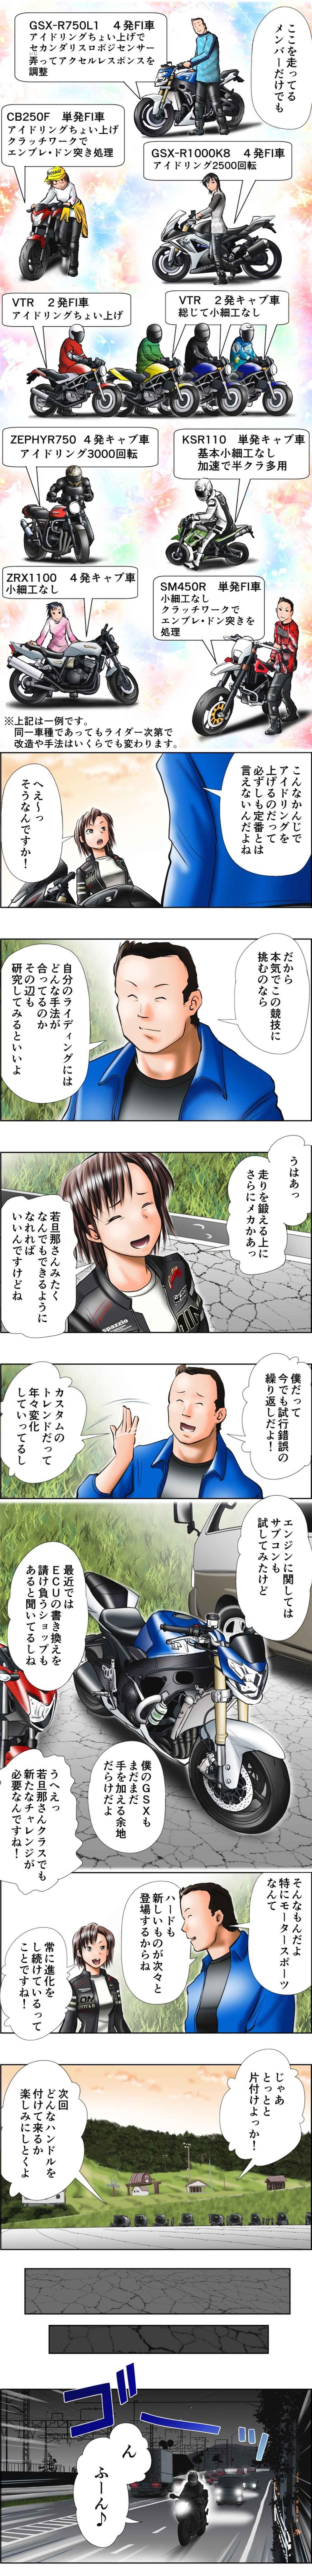 画像: Motoジム!(第21話:常に進化をし続けてるのね!) 作・ばどみゅーみん - Webオートバイ